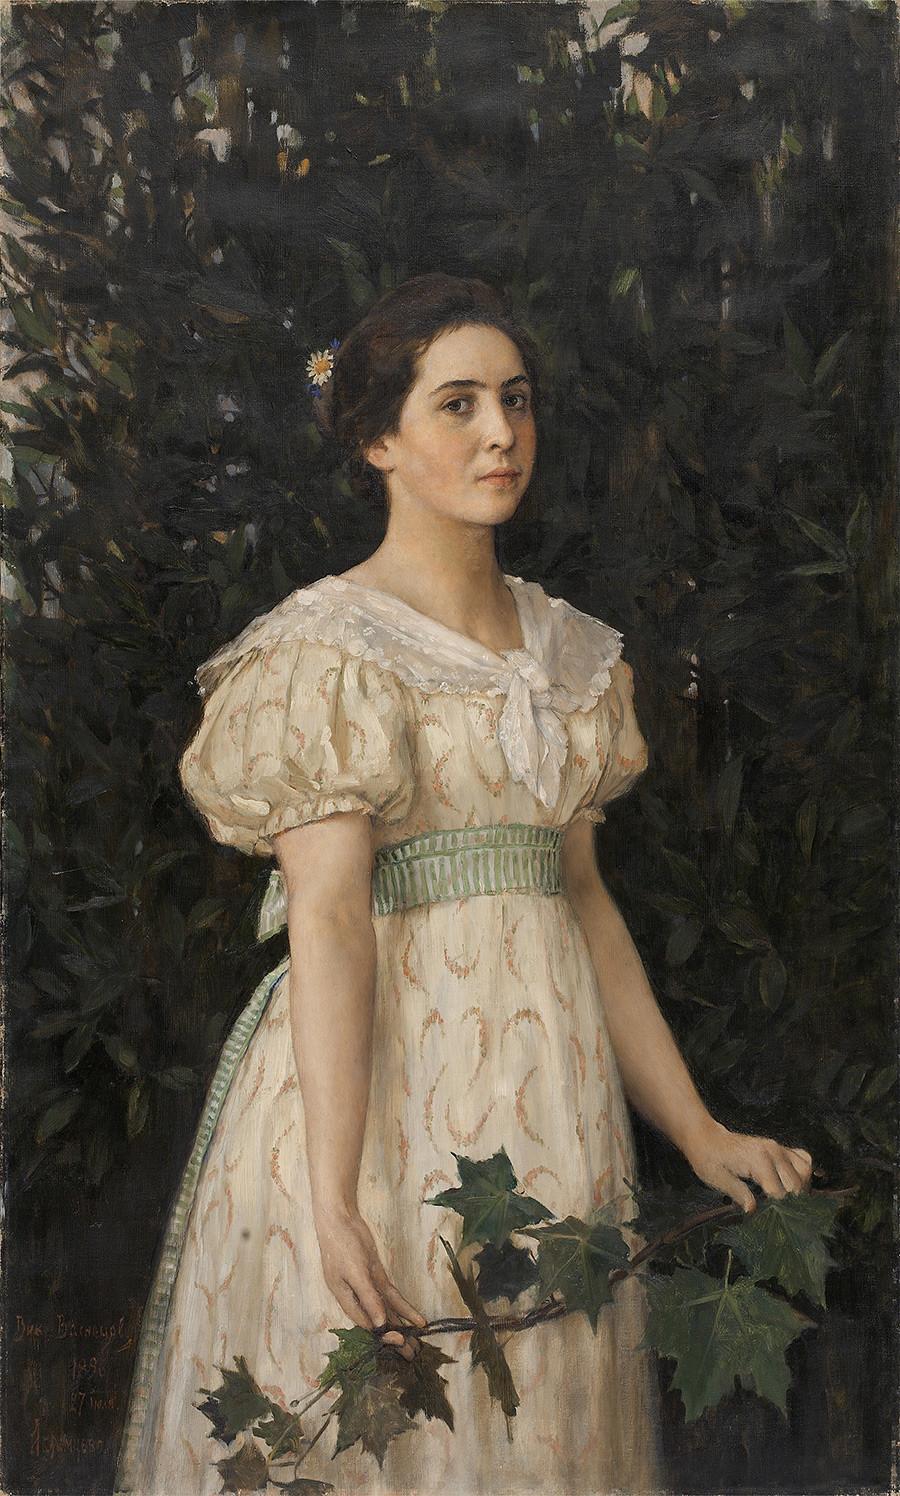 'Chica con una rama de arce' de Víktor Vasnetsov